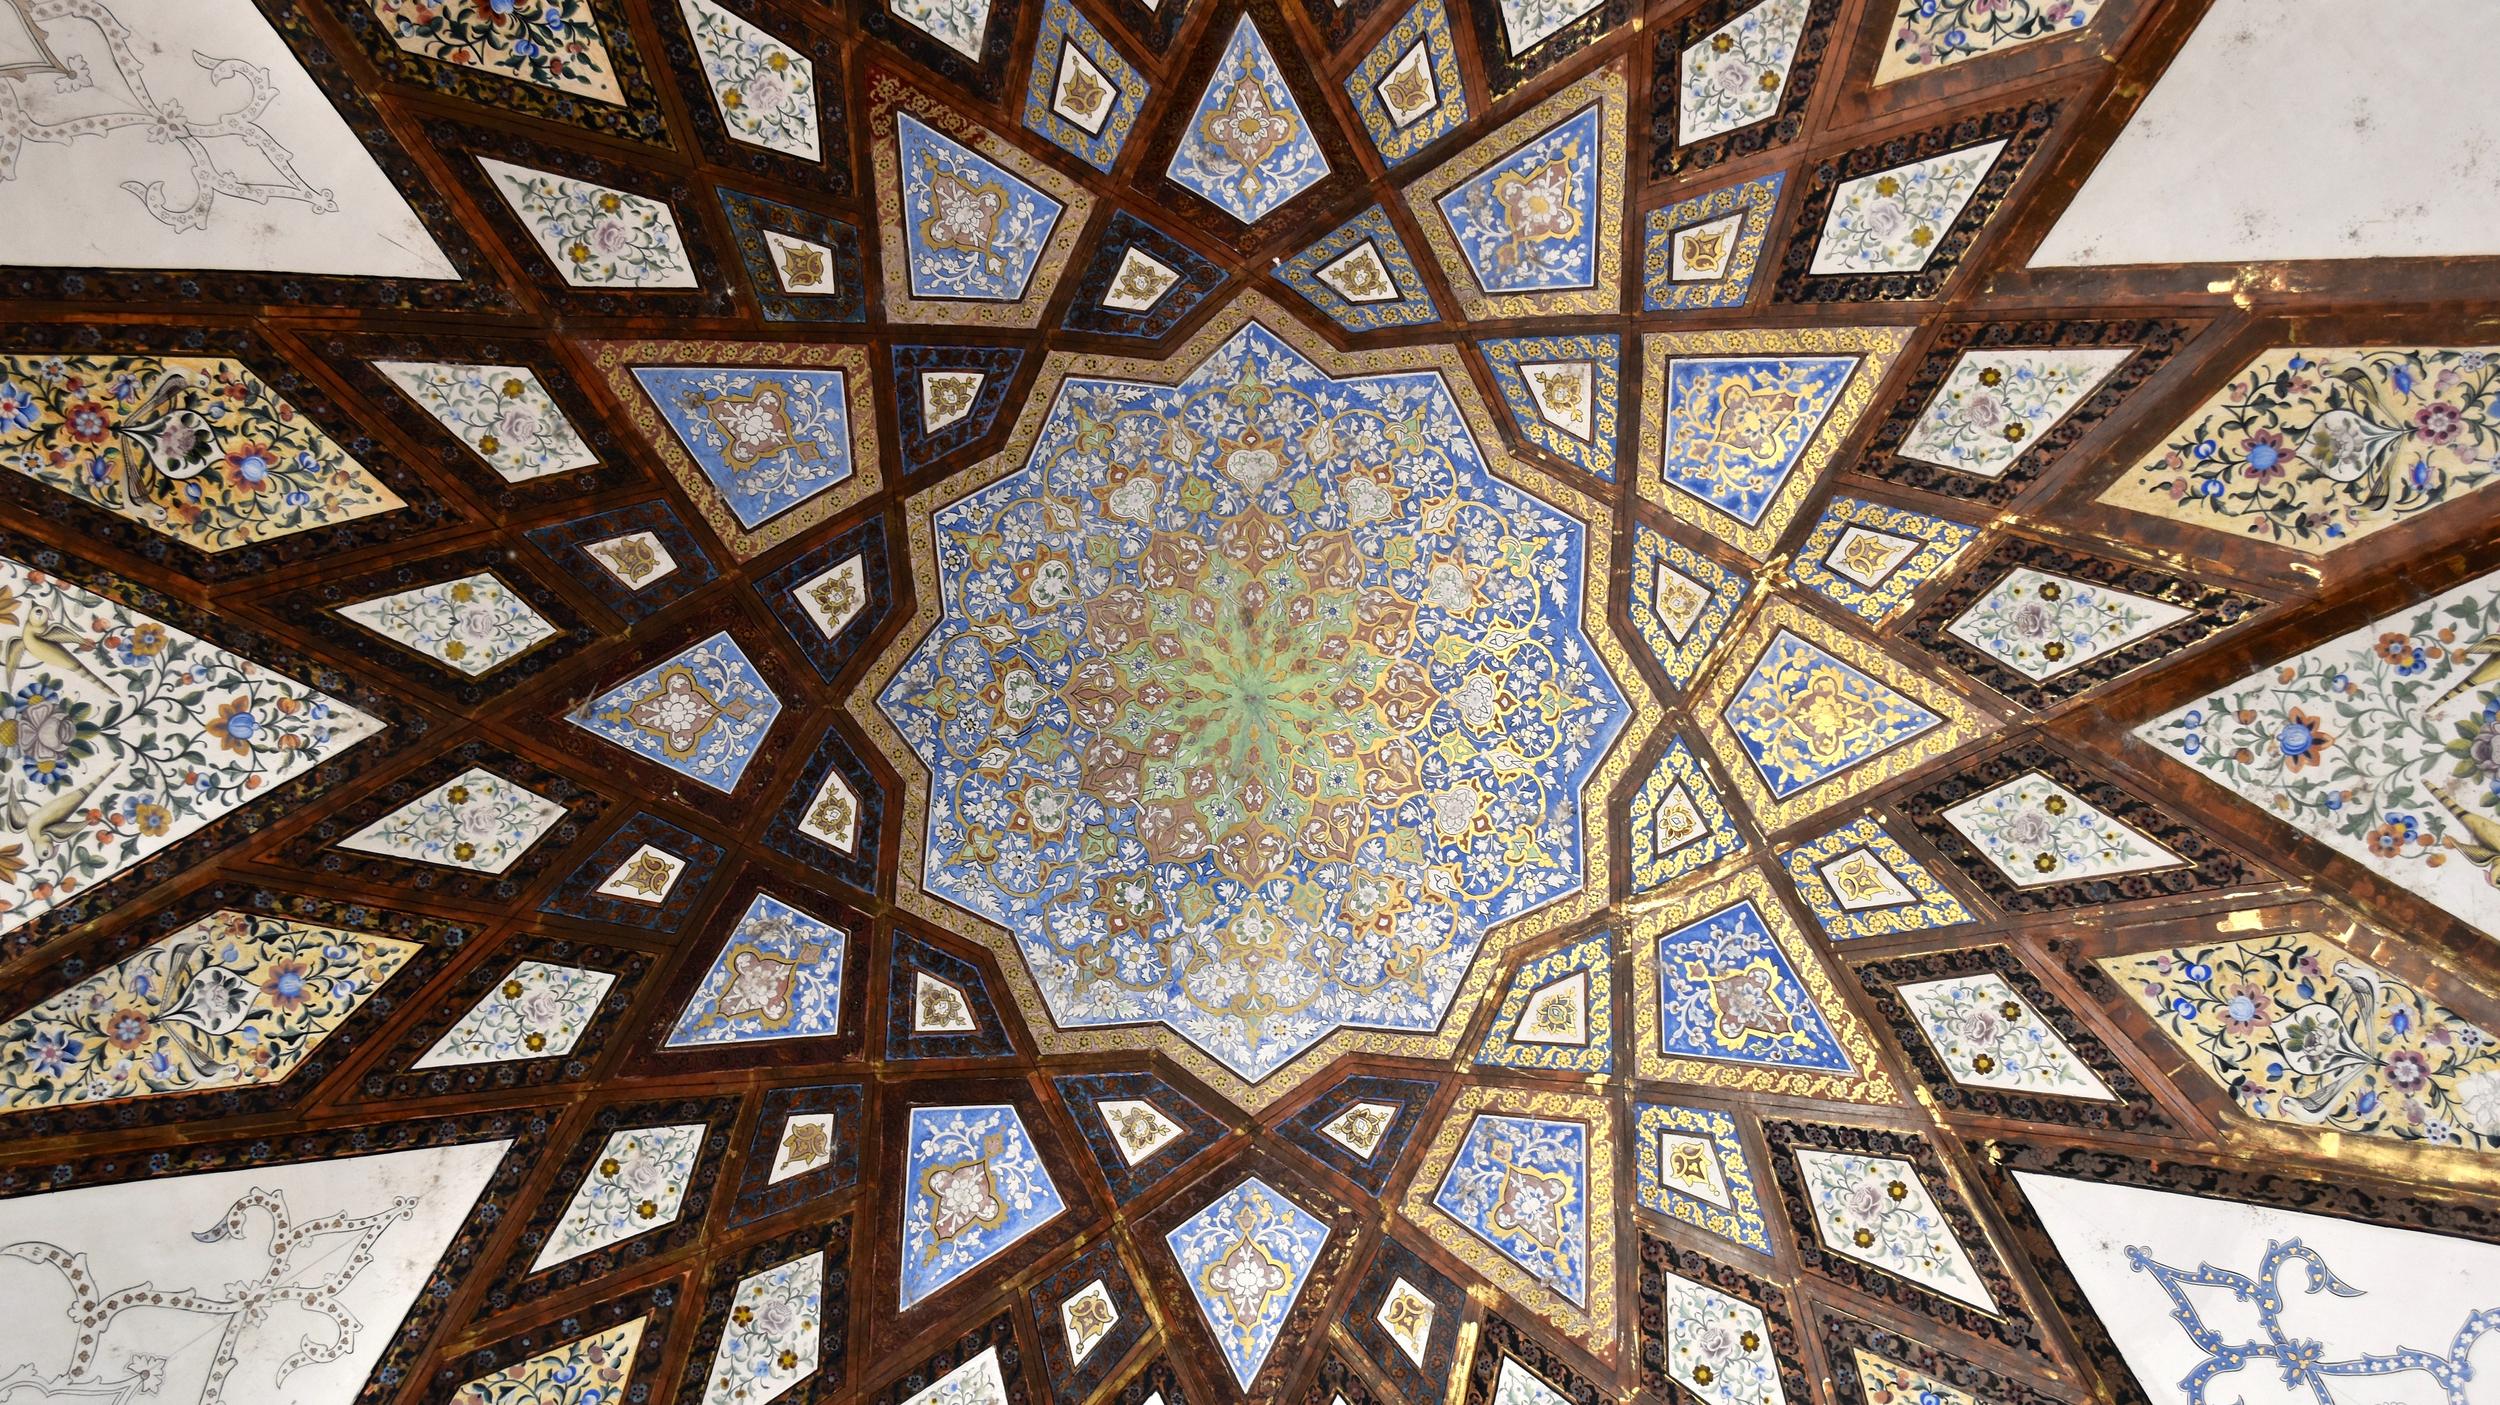 Iran-Kashan-Fin-Garden-dome.jpg